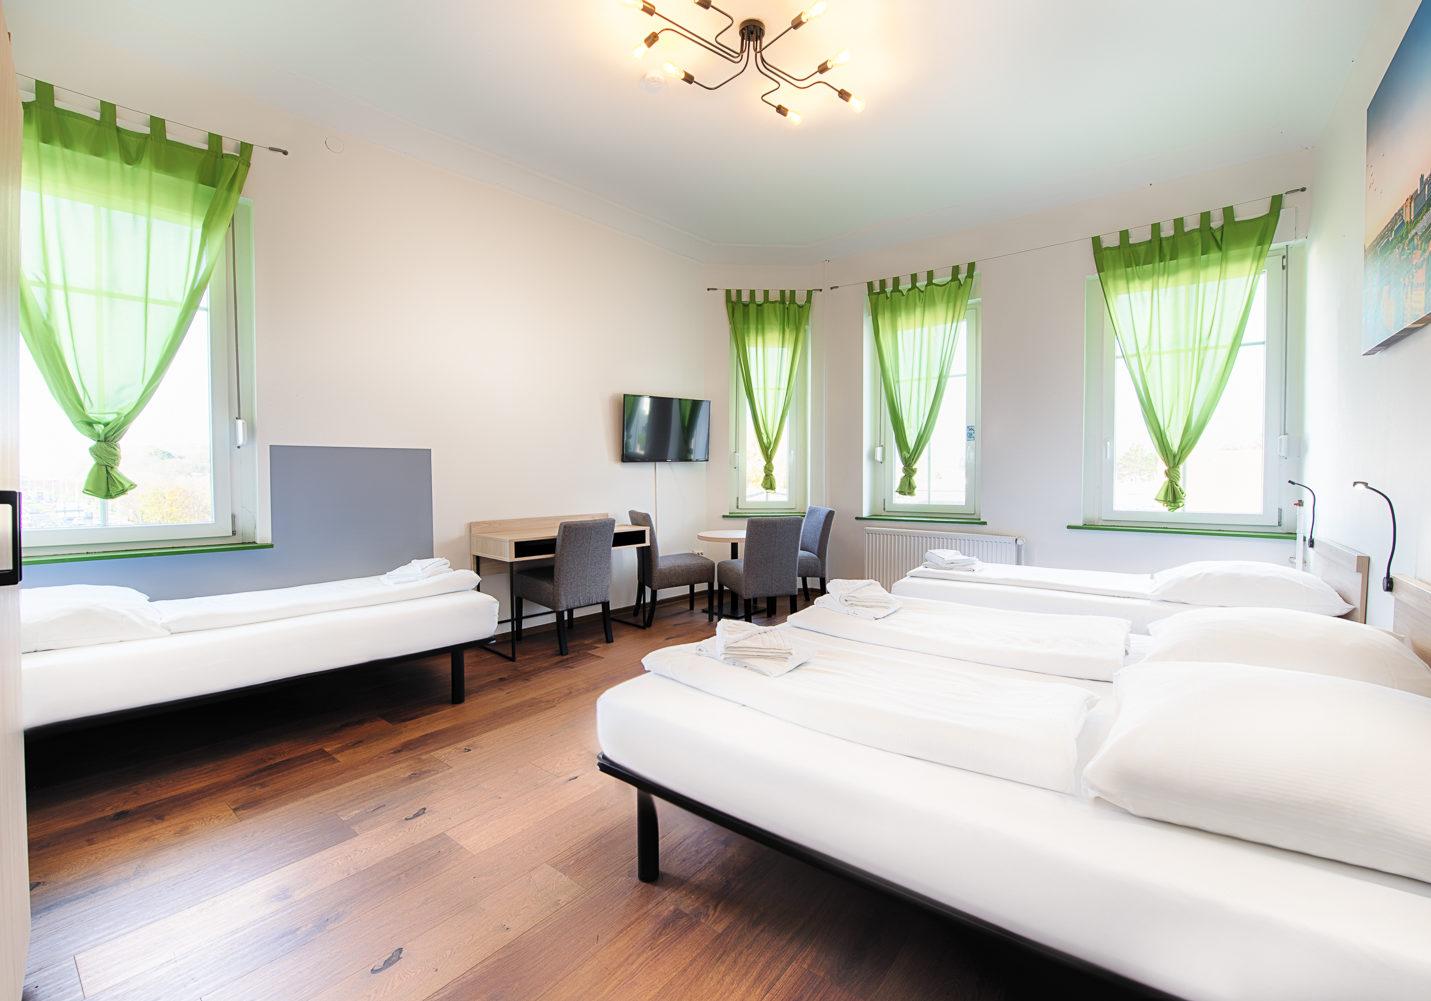 HOTEL_B1_A24_4BETT_1_klein